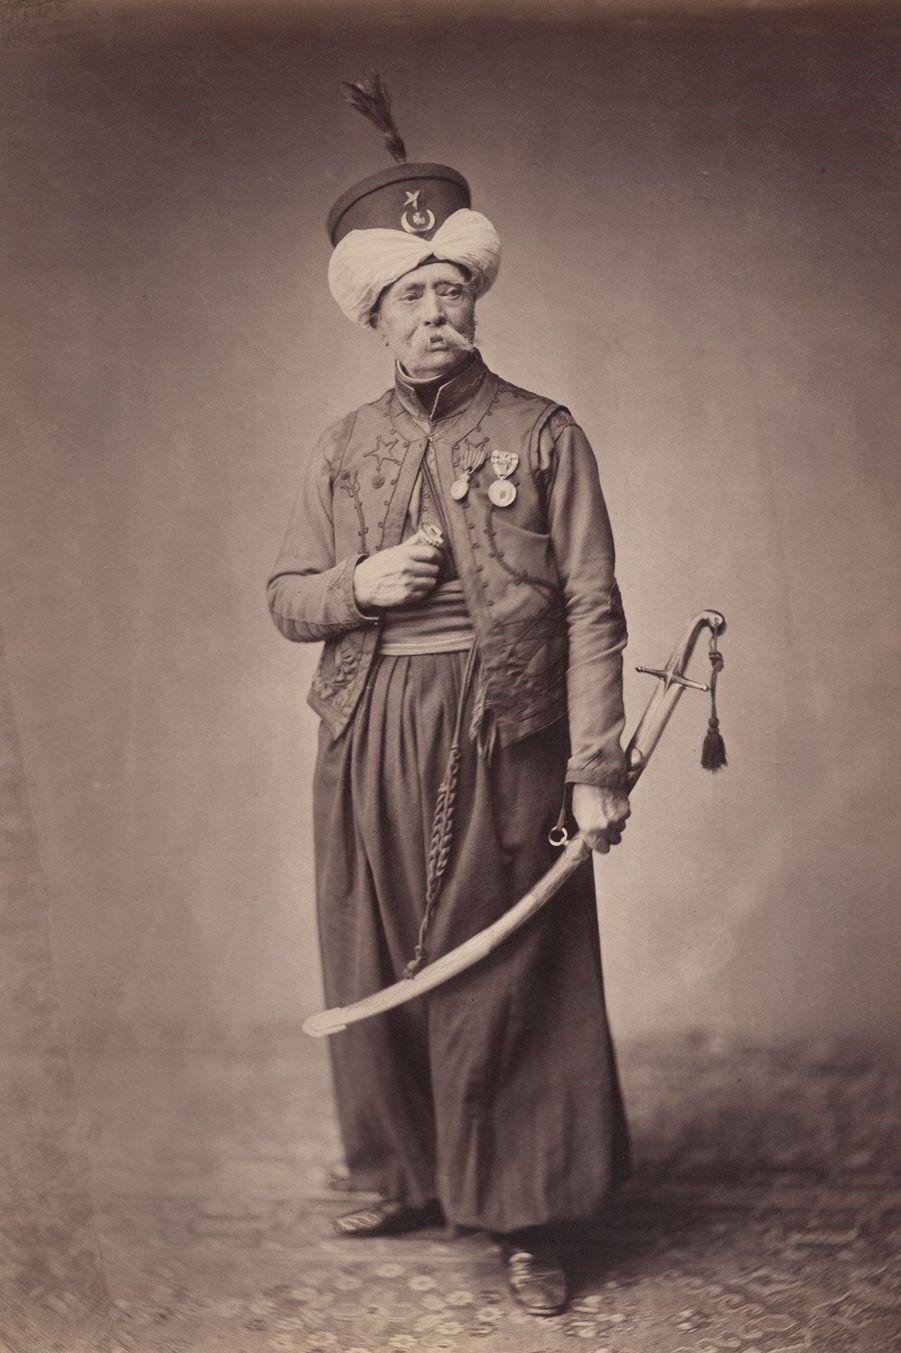 Le mamelouk. Monsieur Ducel faisait parti de l'unité de cavalerie de l'Empereur. Il porte une béniche (chemise), un yalek (gilet sans manche), un...